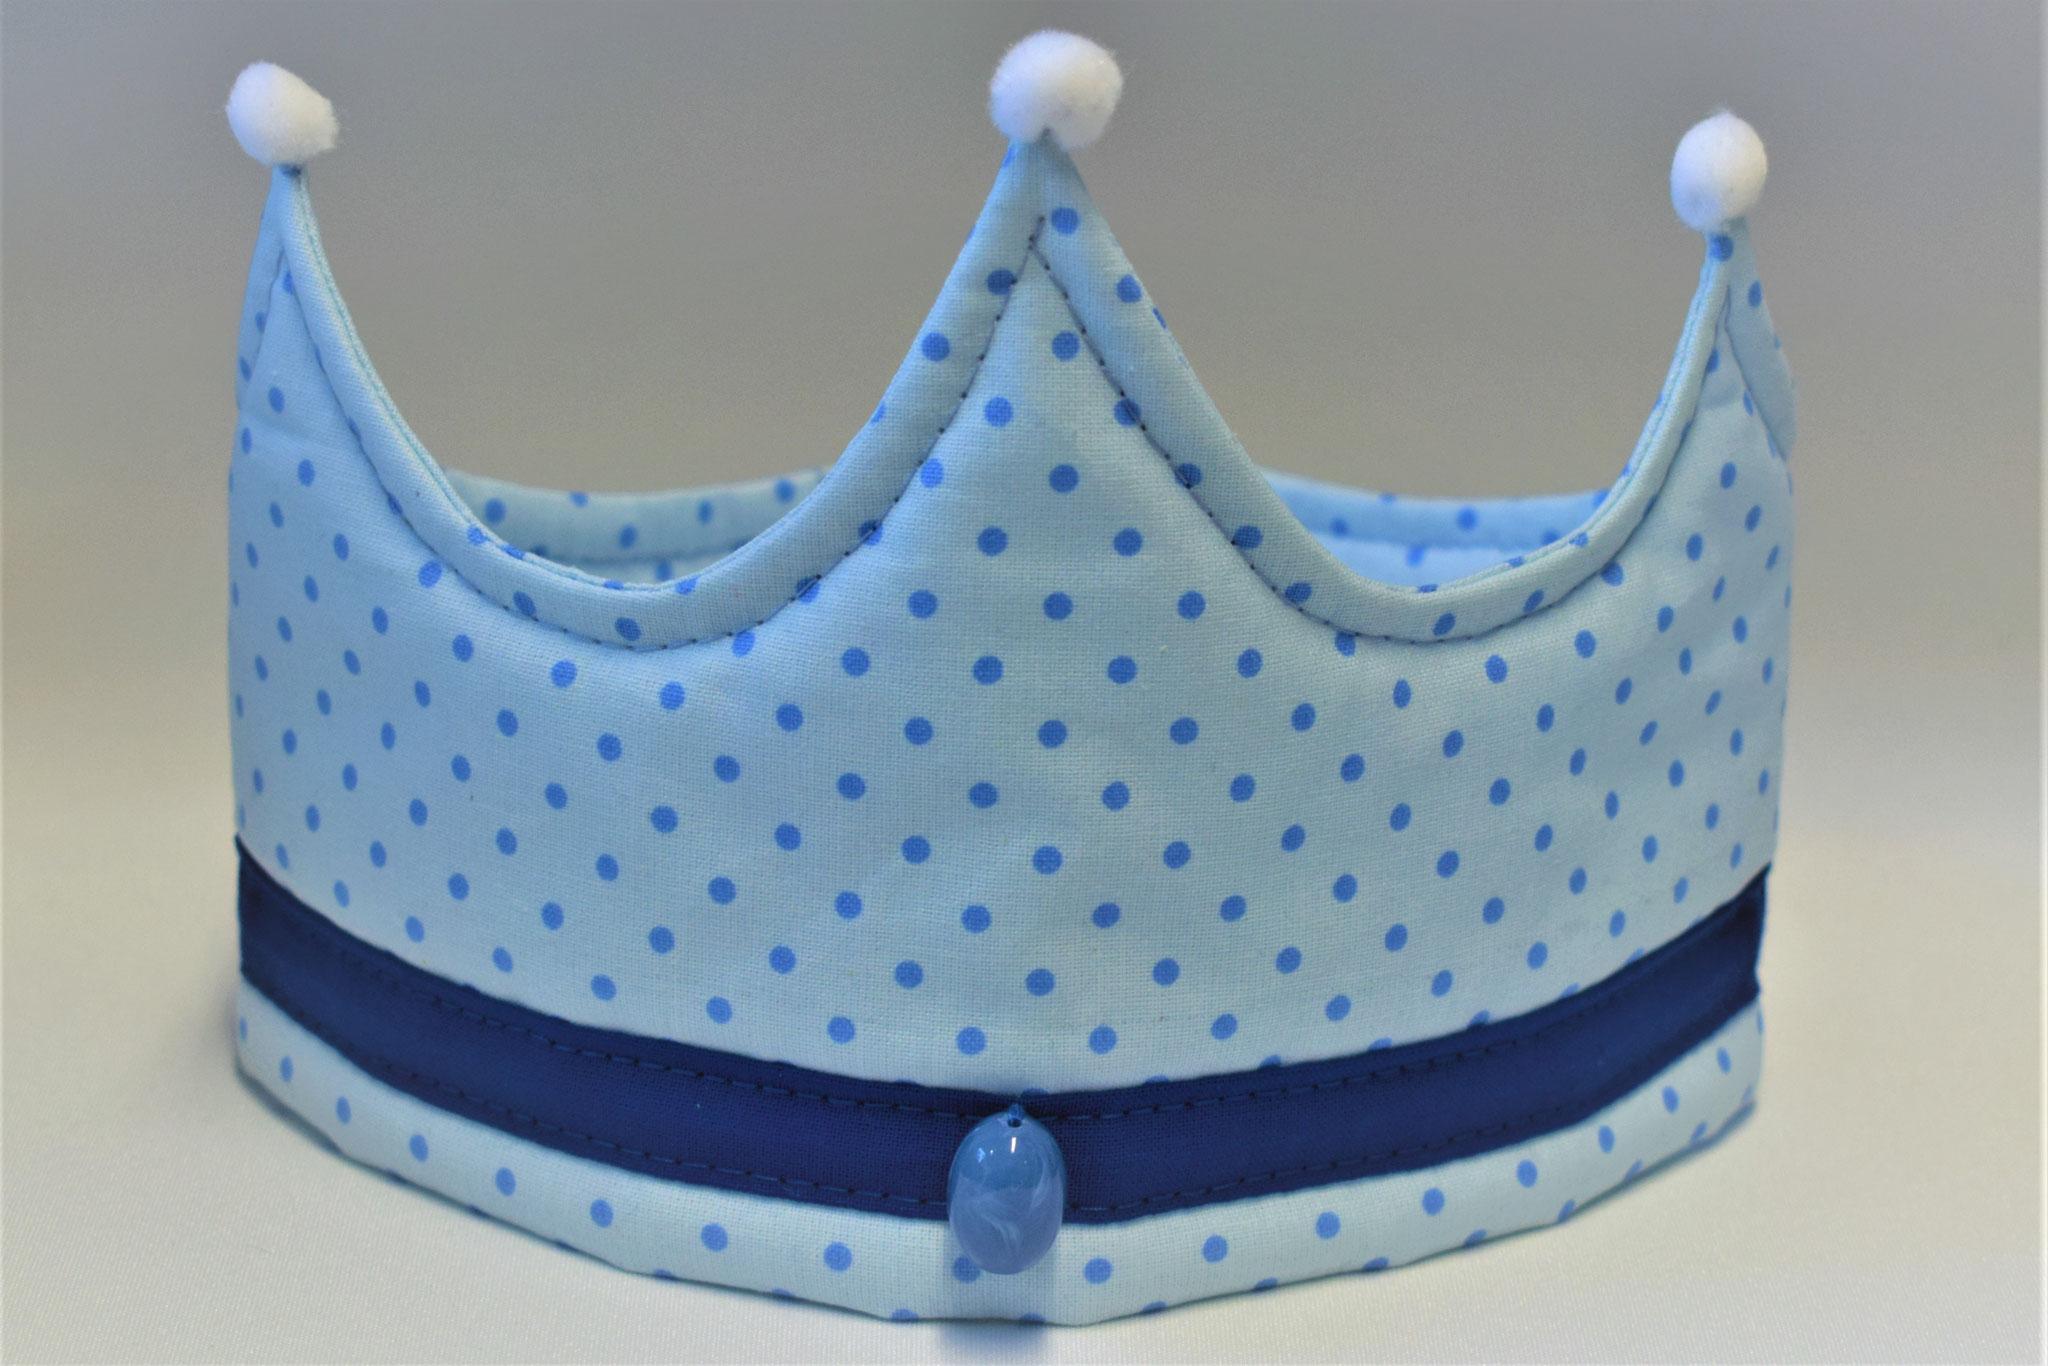 hellblau gepunktet mit blauer Bordüre, 17,50€